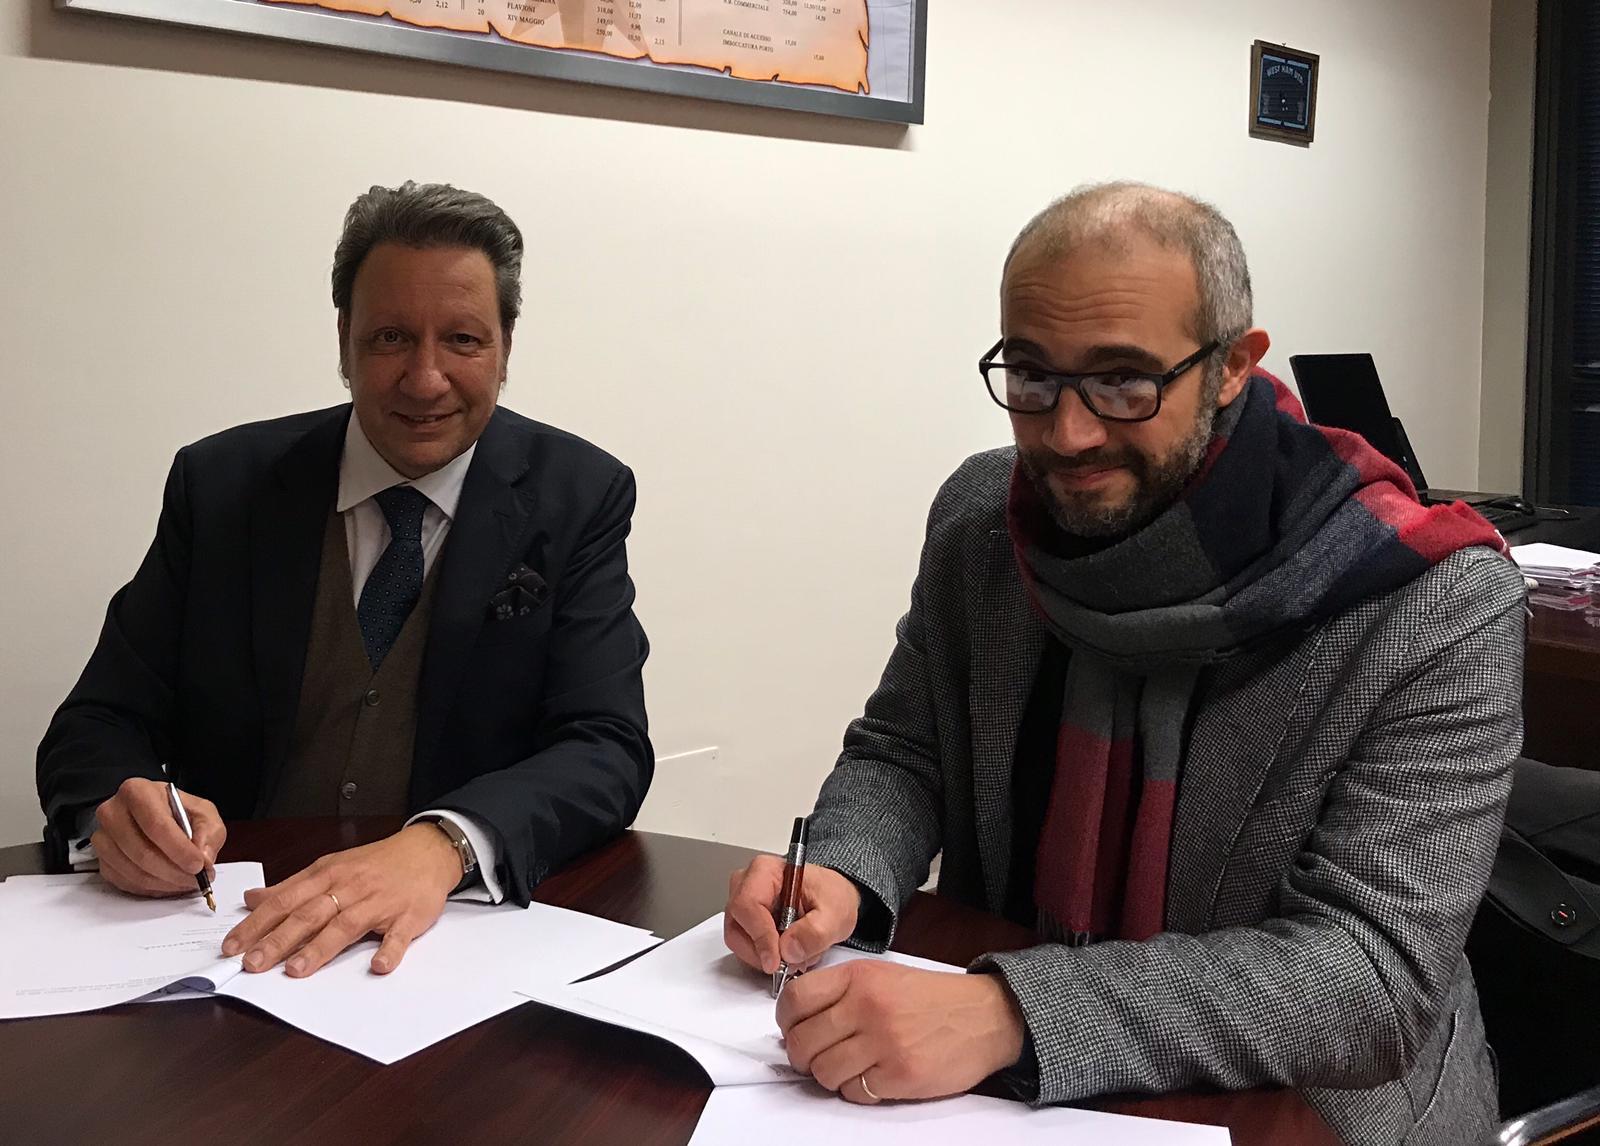 Firmato il protocollo d'intesa Comune – RCT. Le dichiarazioni dell'assessore D'Antò e del dg Portelli